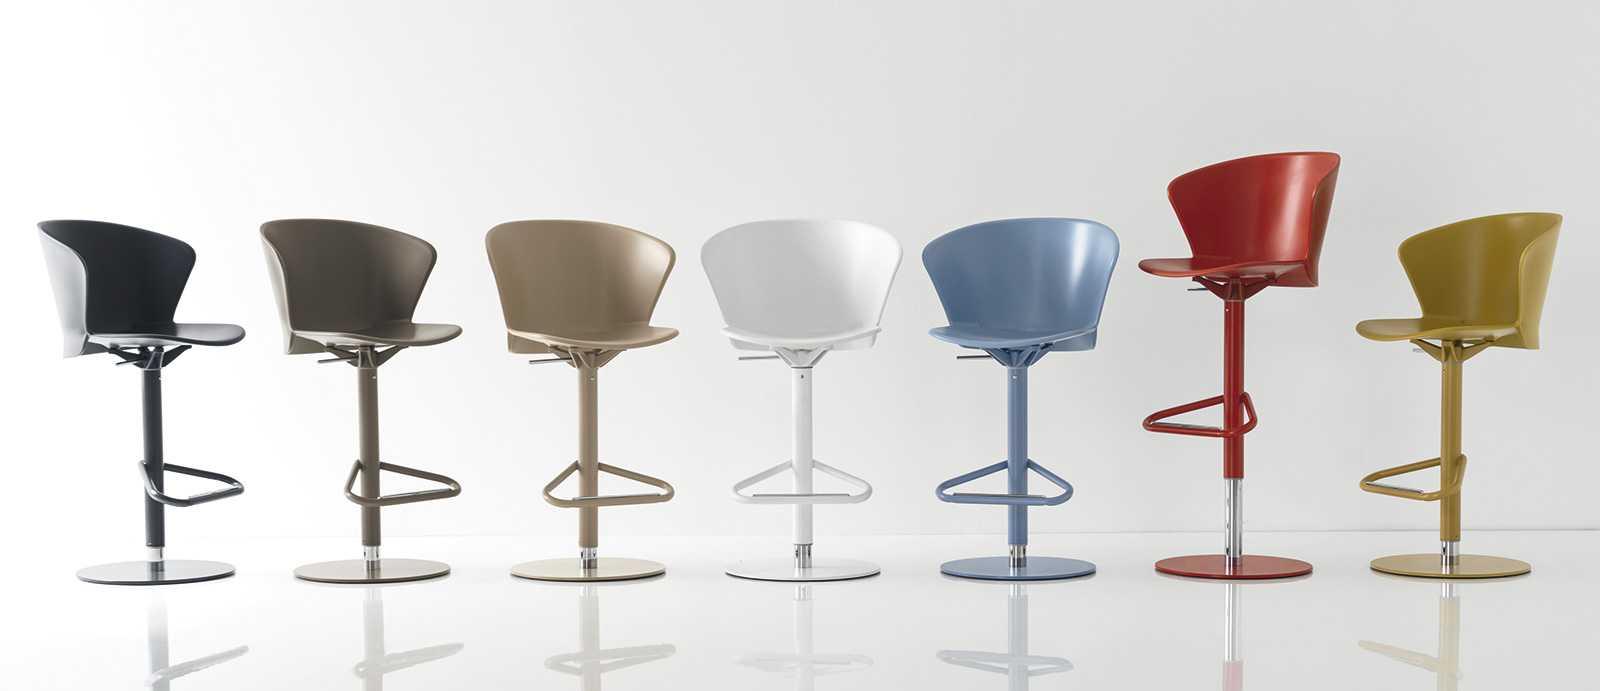 איך לבחור את כיסא הבר המושלם? אספנו עבורכם את כל הטיפים והסגנונות לבחירה המושלמת עבור המטבח שלכם